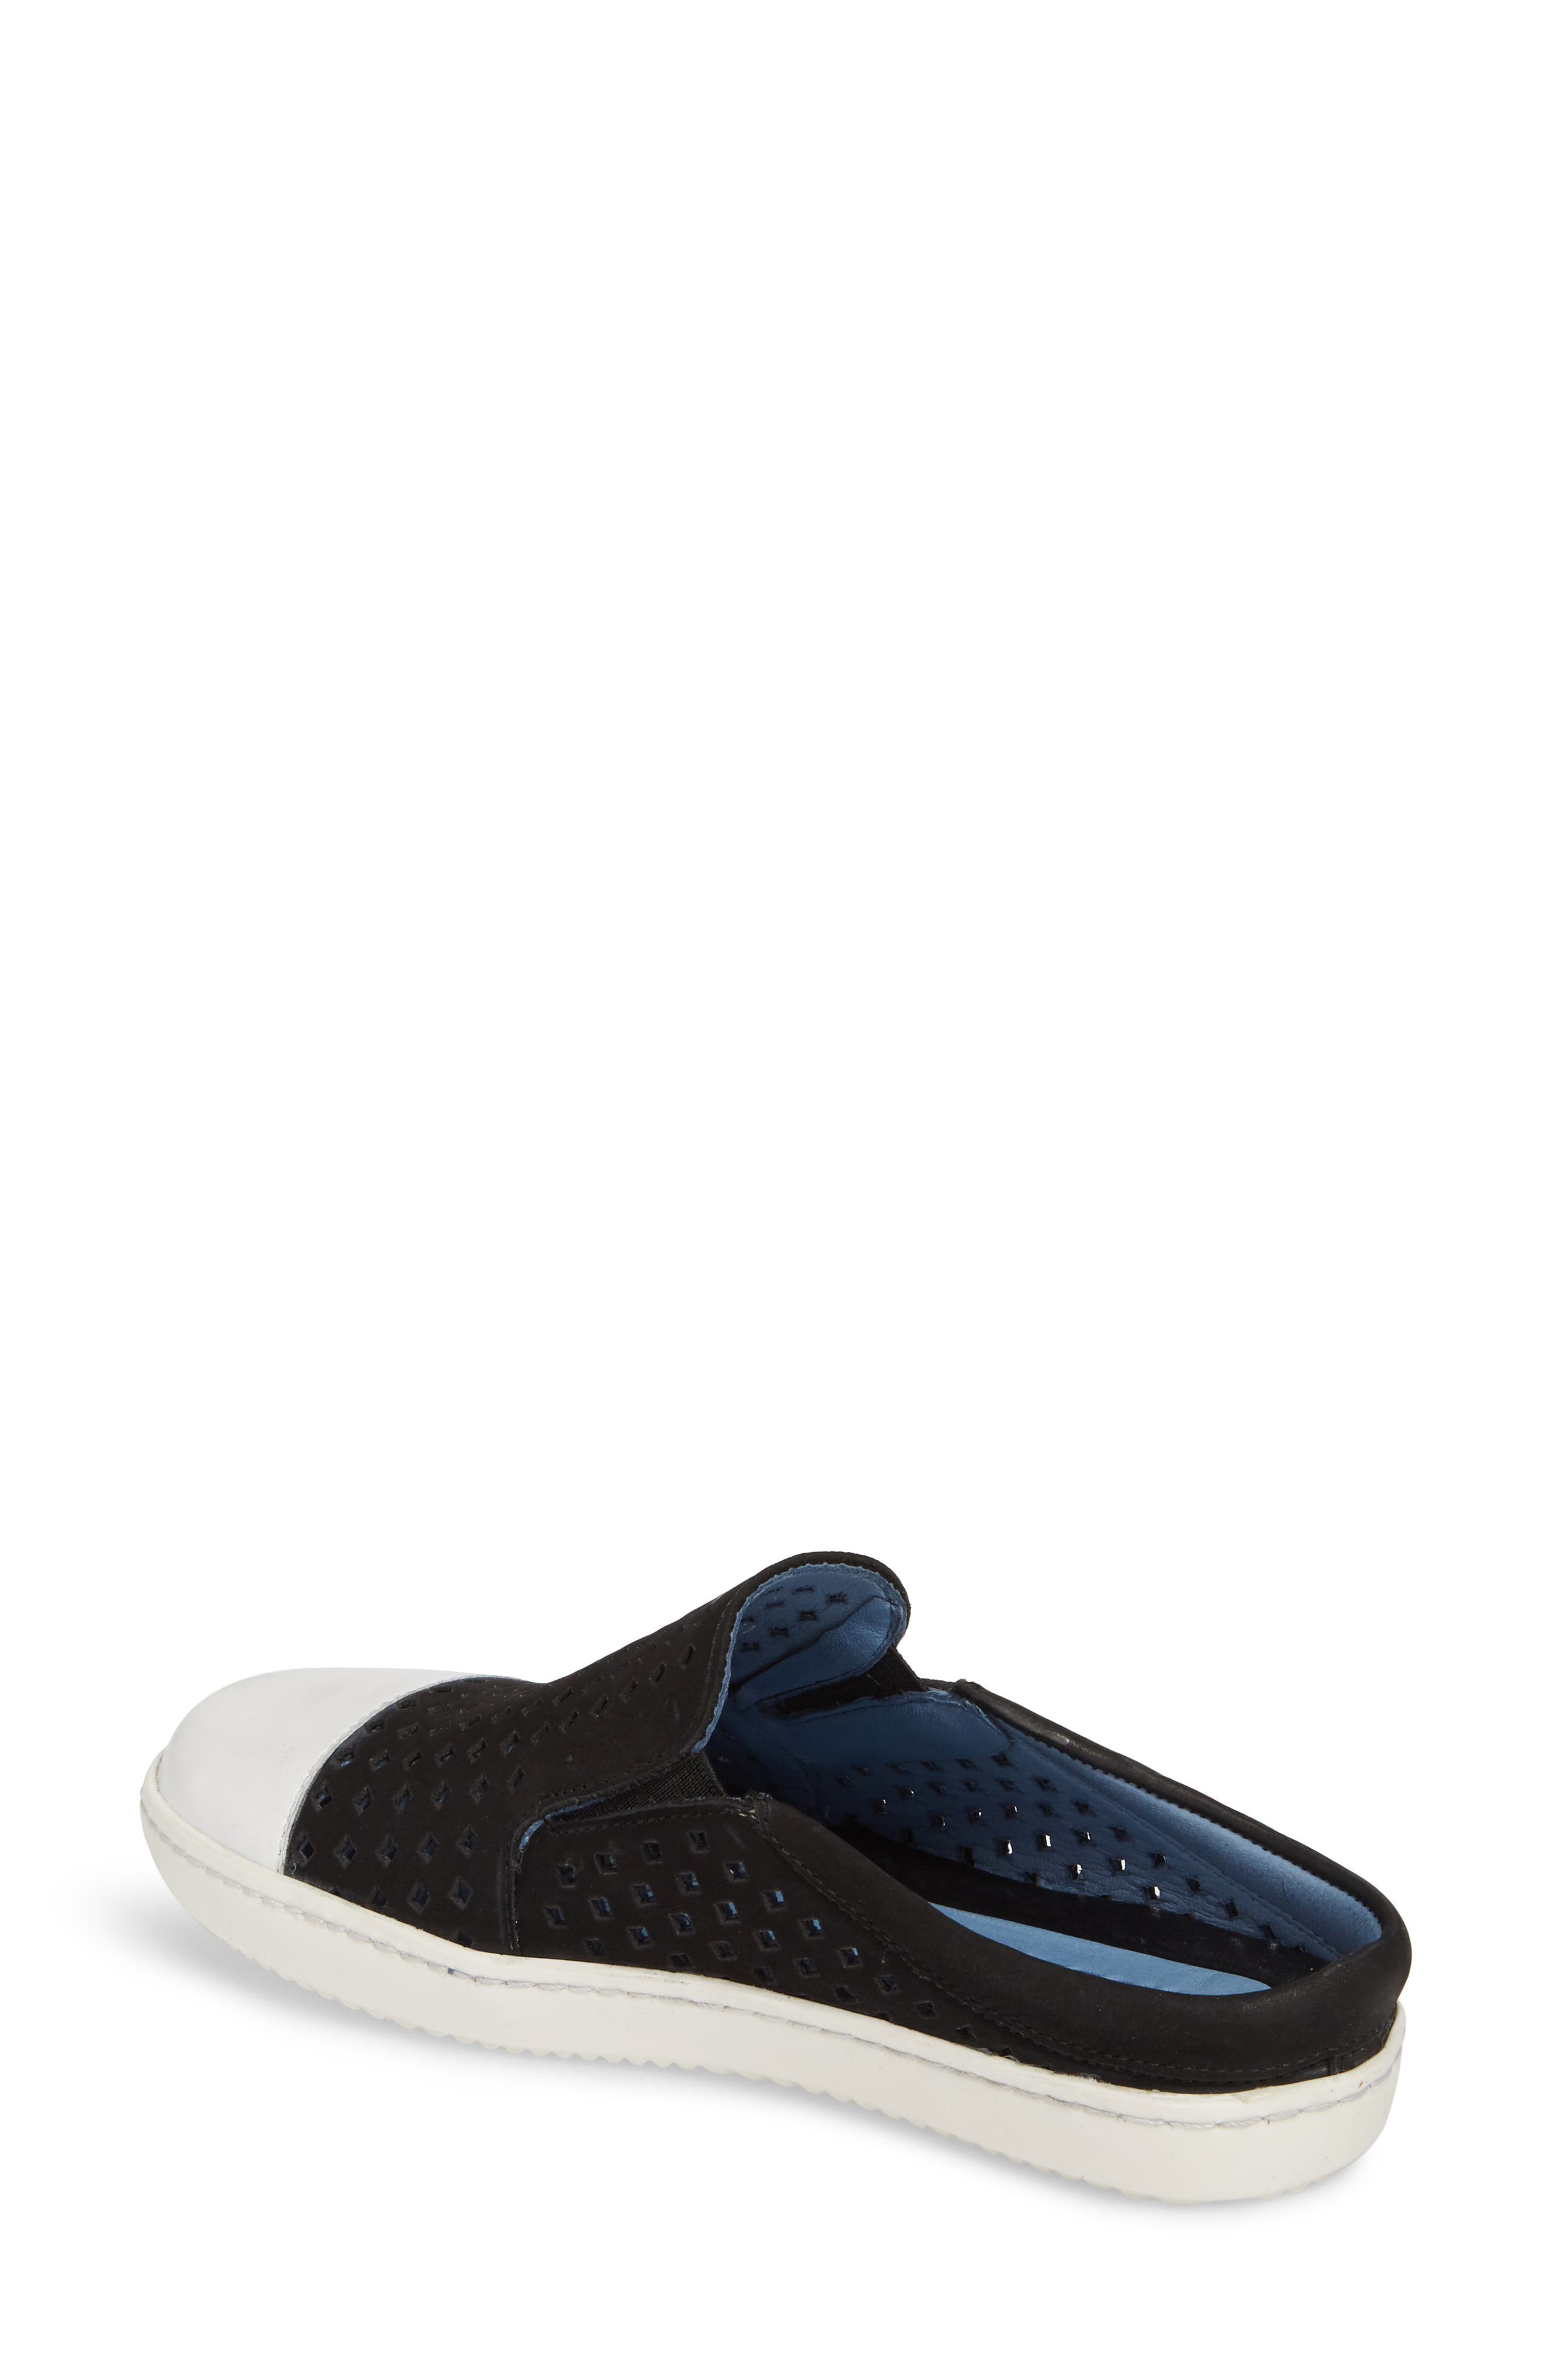 Tippy Slip-On Sneaker,                             Alternate thumbnail 2, color,                             003